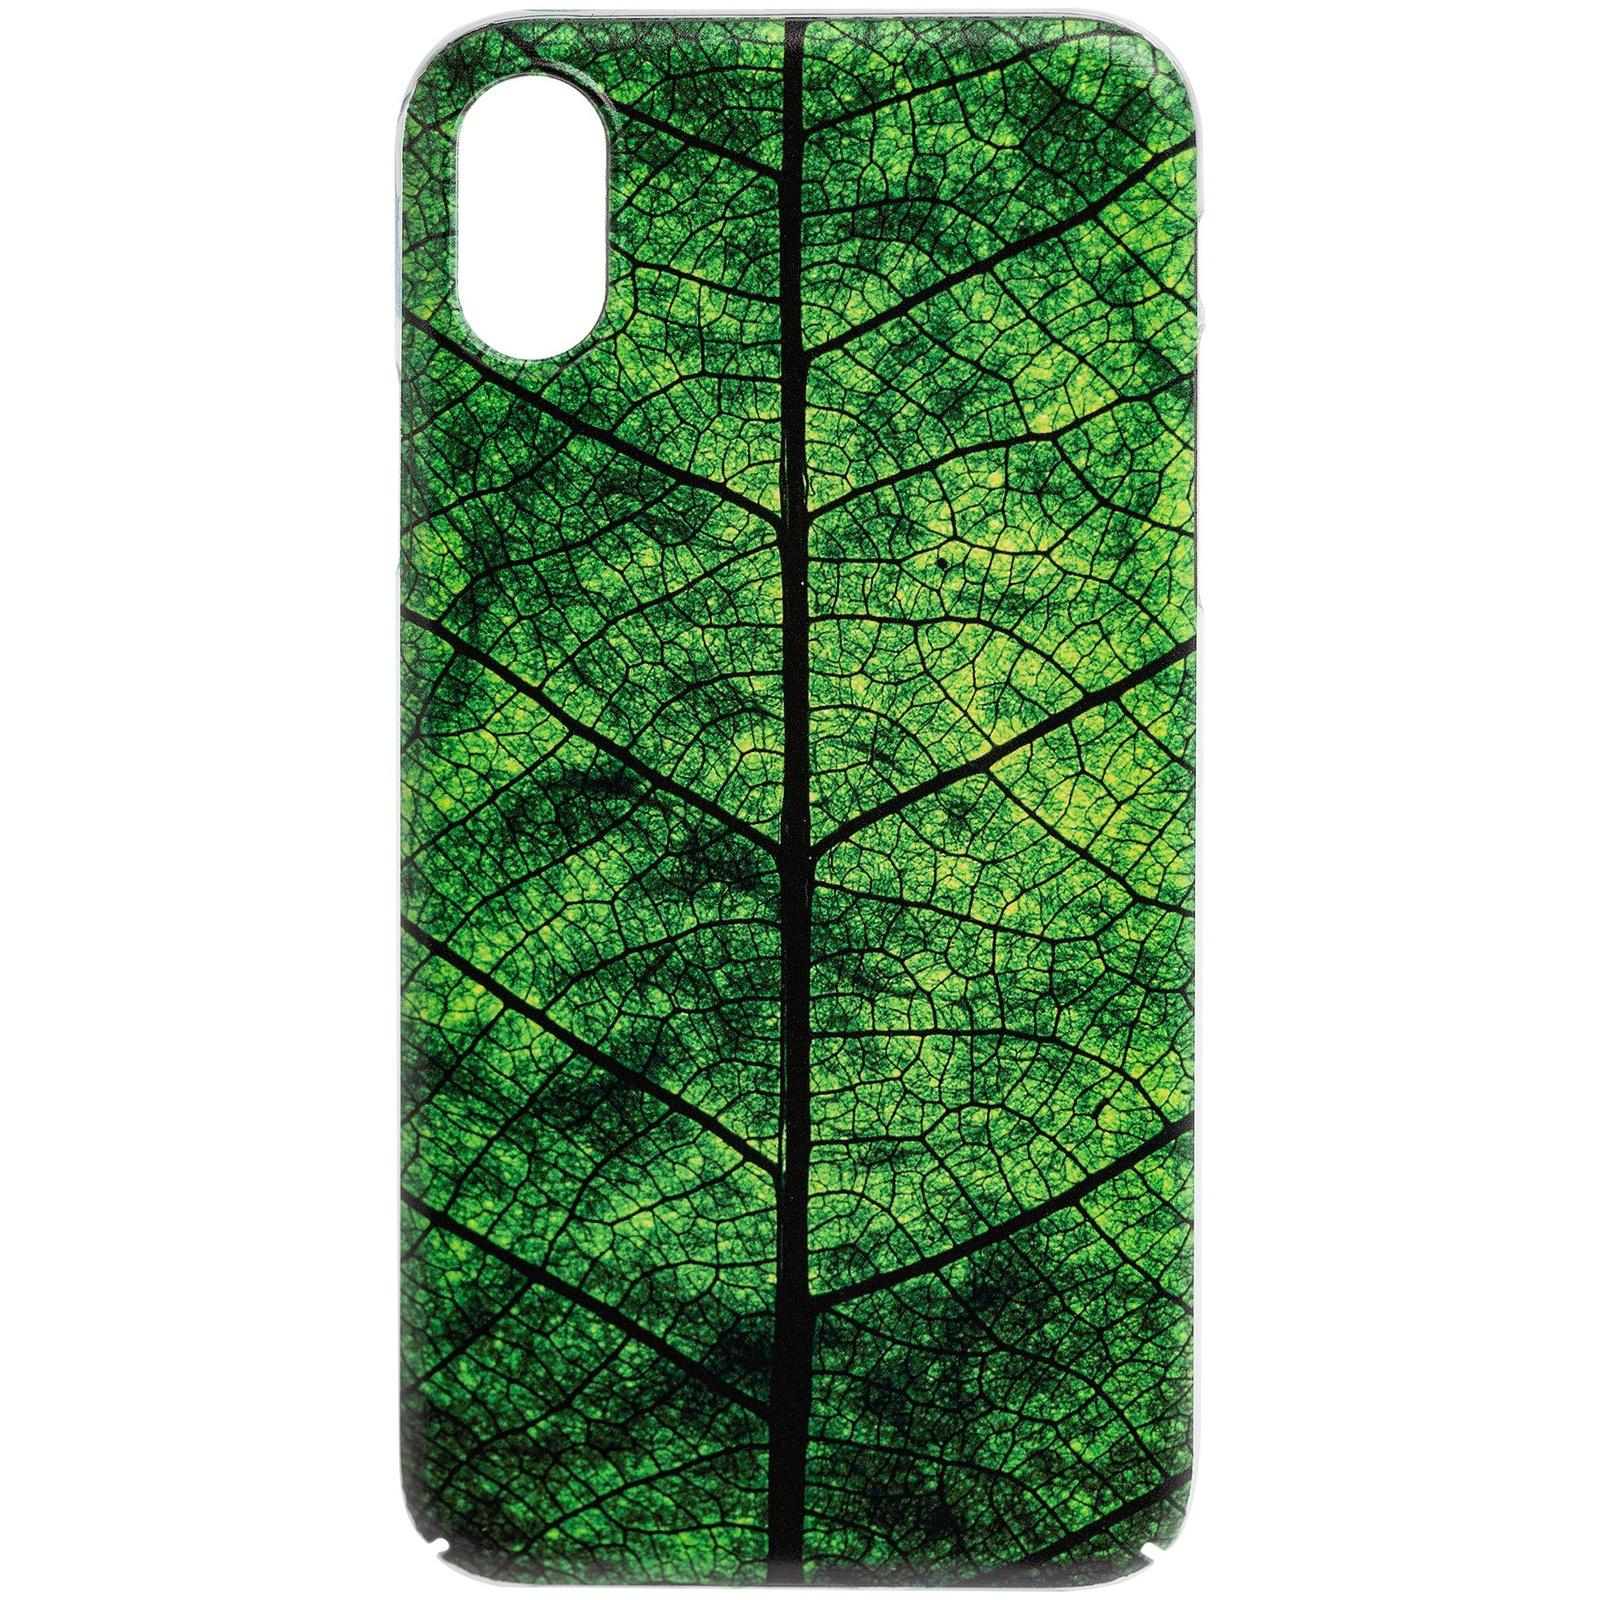 Чехол для сотового телефона Принтэссенция Evergreen, прозрачный, зеленый автокосметика удаление царапин с пластика